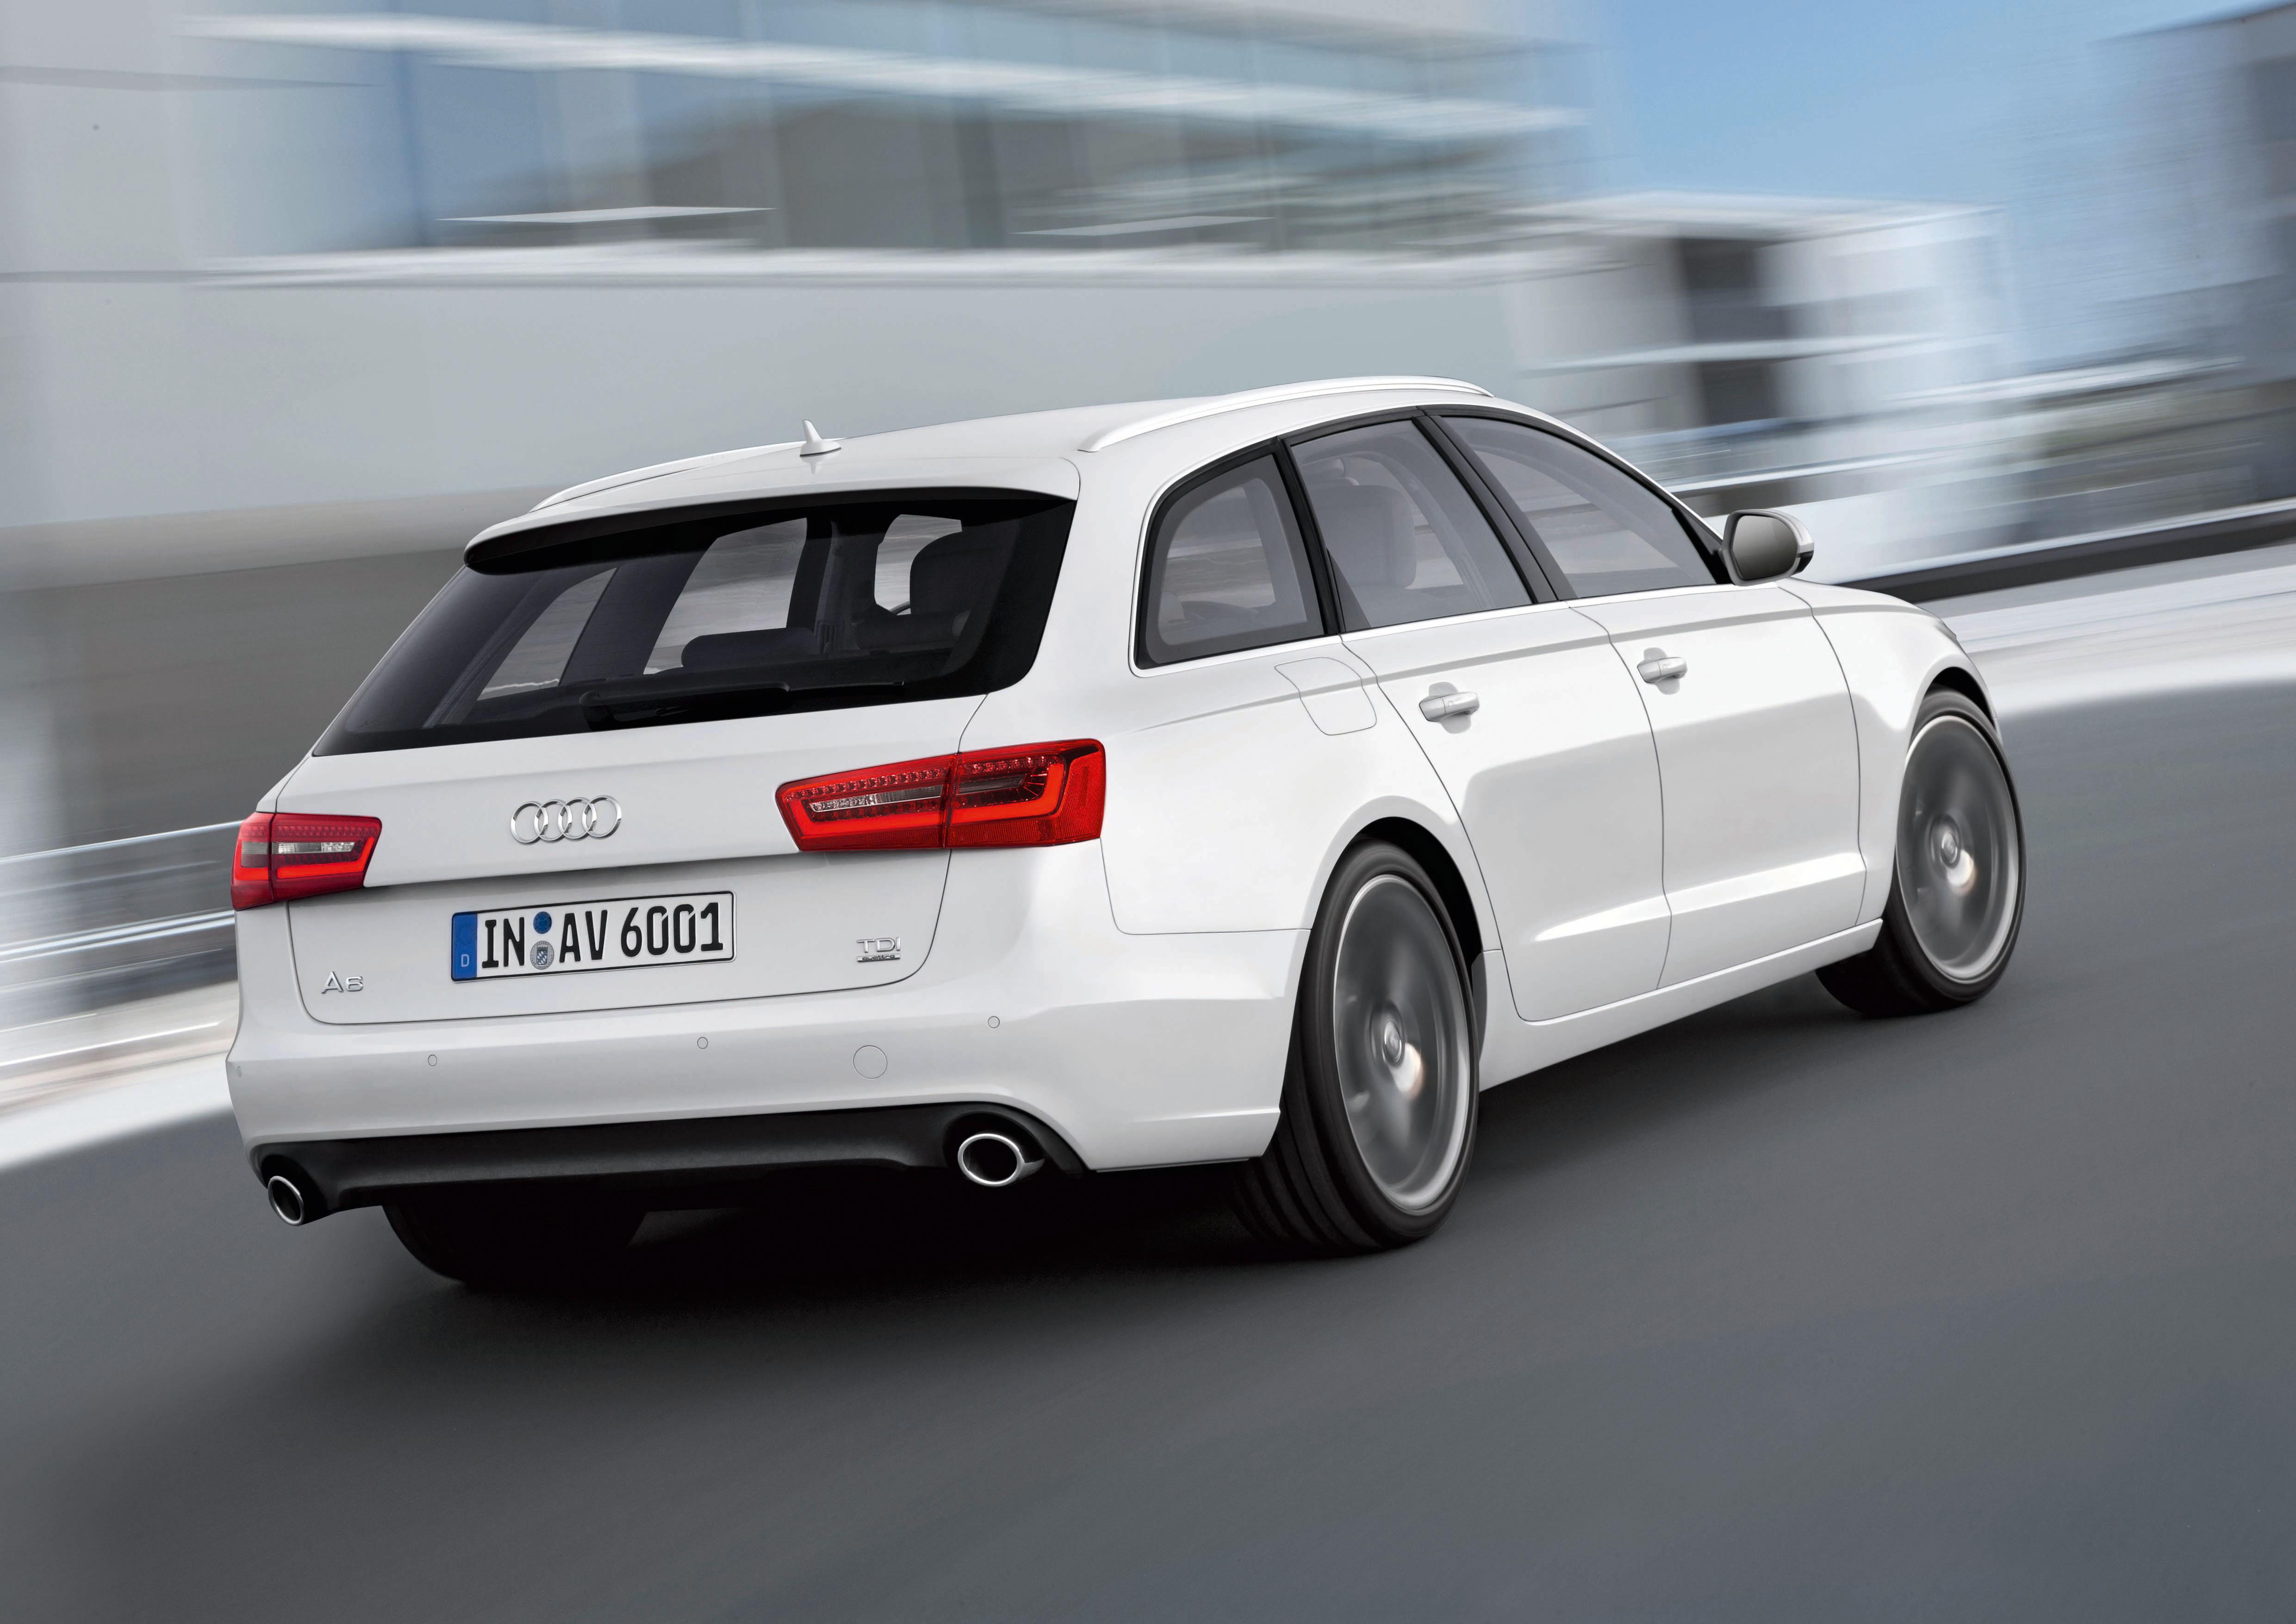 Audi A6 Avant/Fahraufnahme